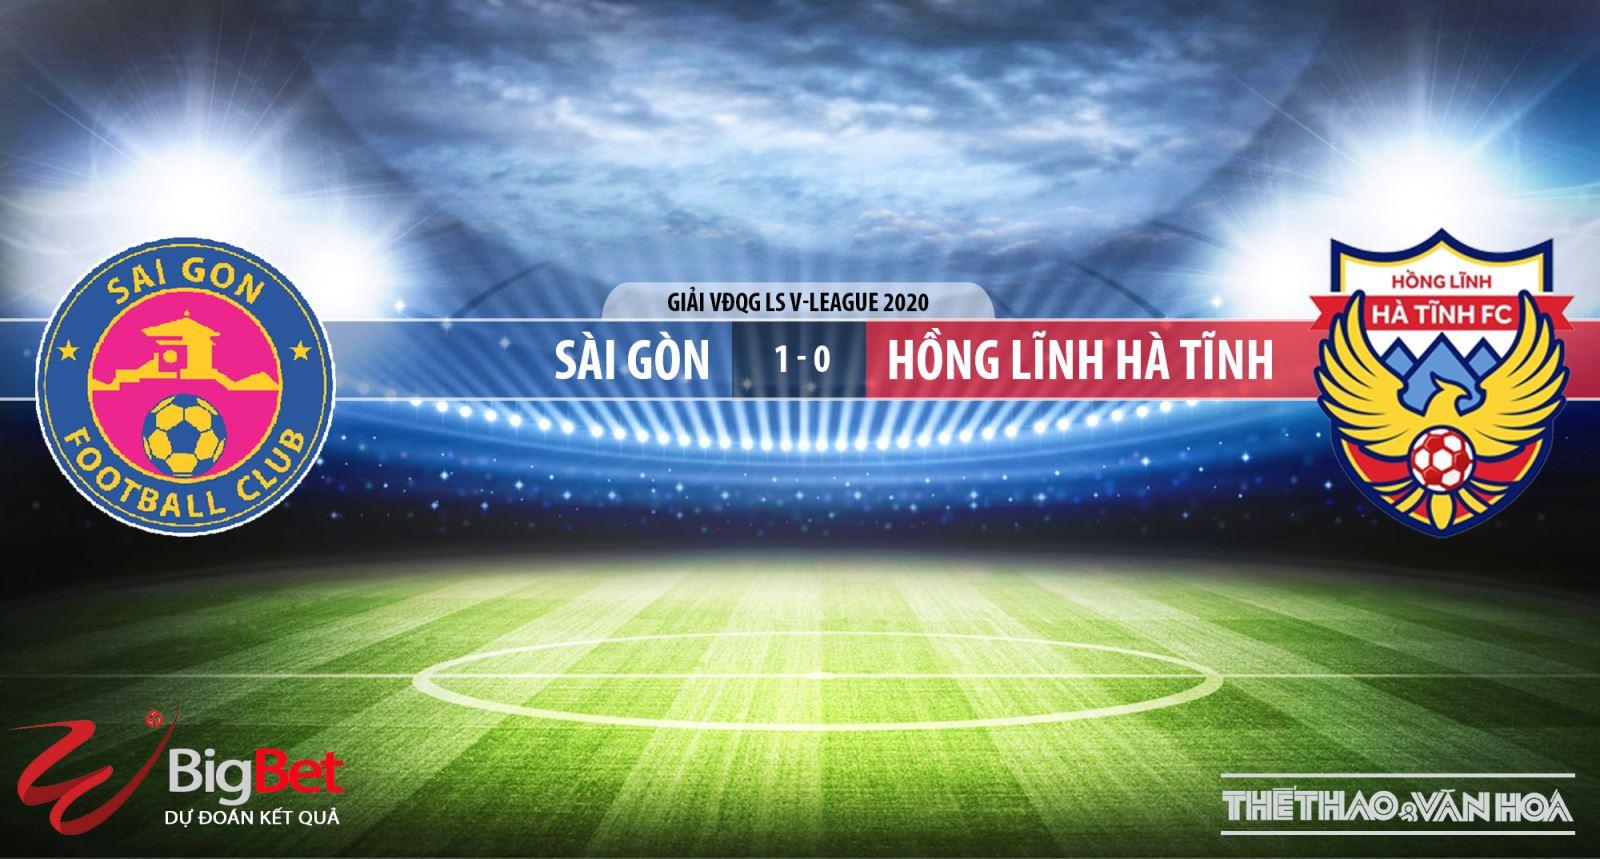 Sài Gòn - Hồng Lĩnh Hà Tĩnh, Sài Gòn đấu với Hà Tĩnh, trực tiếp bóng đá, kèo bóng đá, soi kèo bóng đá, V-League, Sài Gòn, Hà Tĩnh